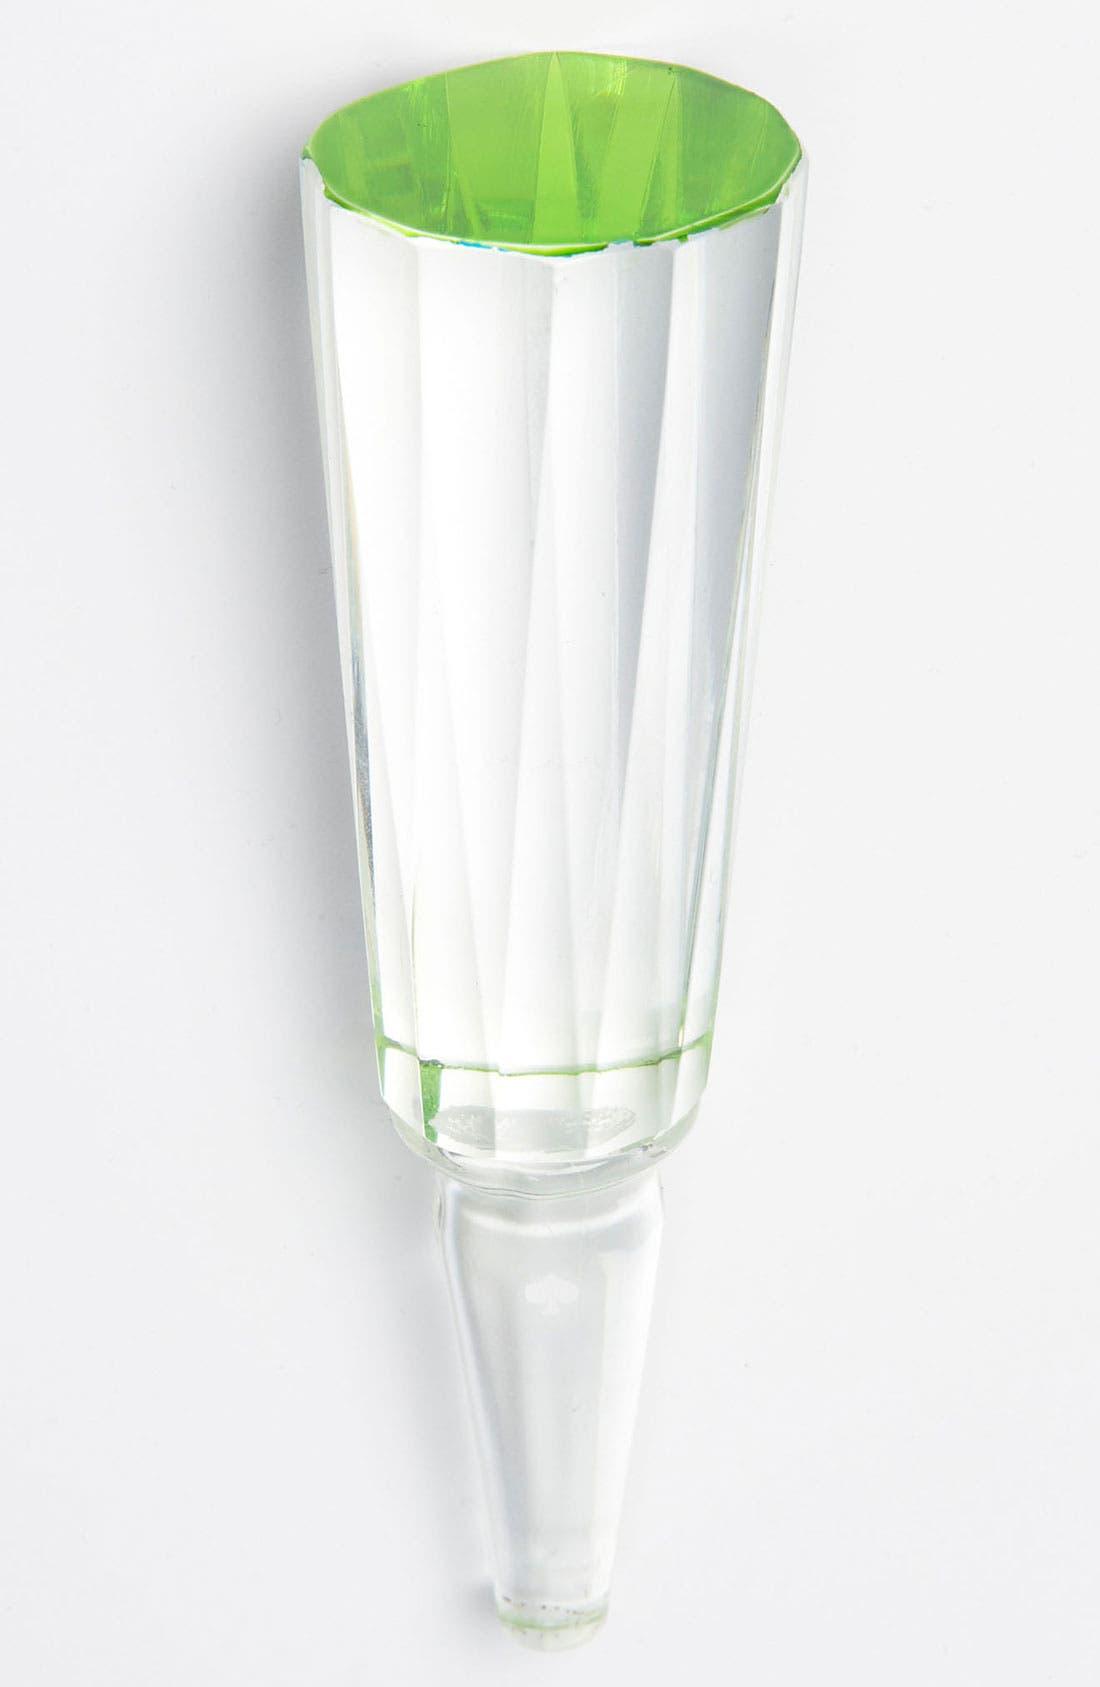 Alternate Image 1 Selected - kate spade new york 'jules point' bottle stopper